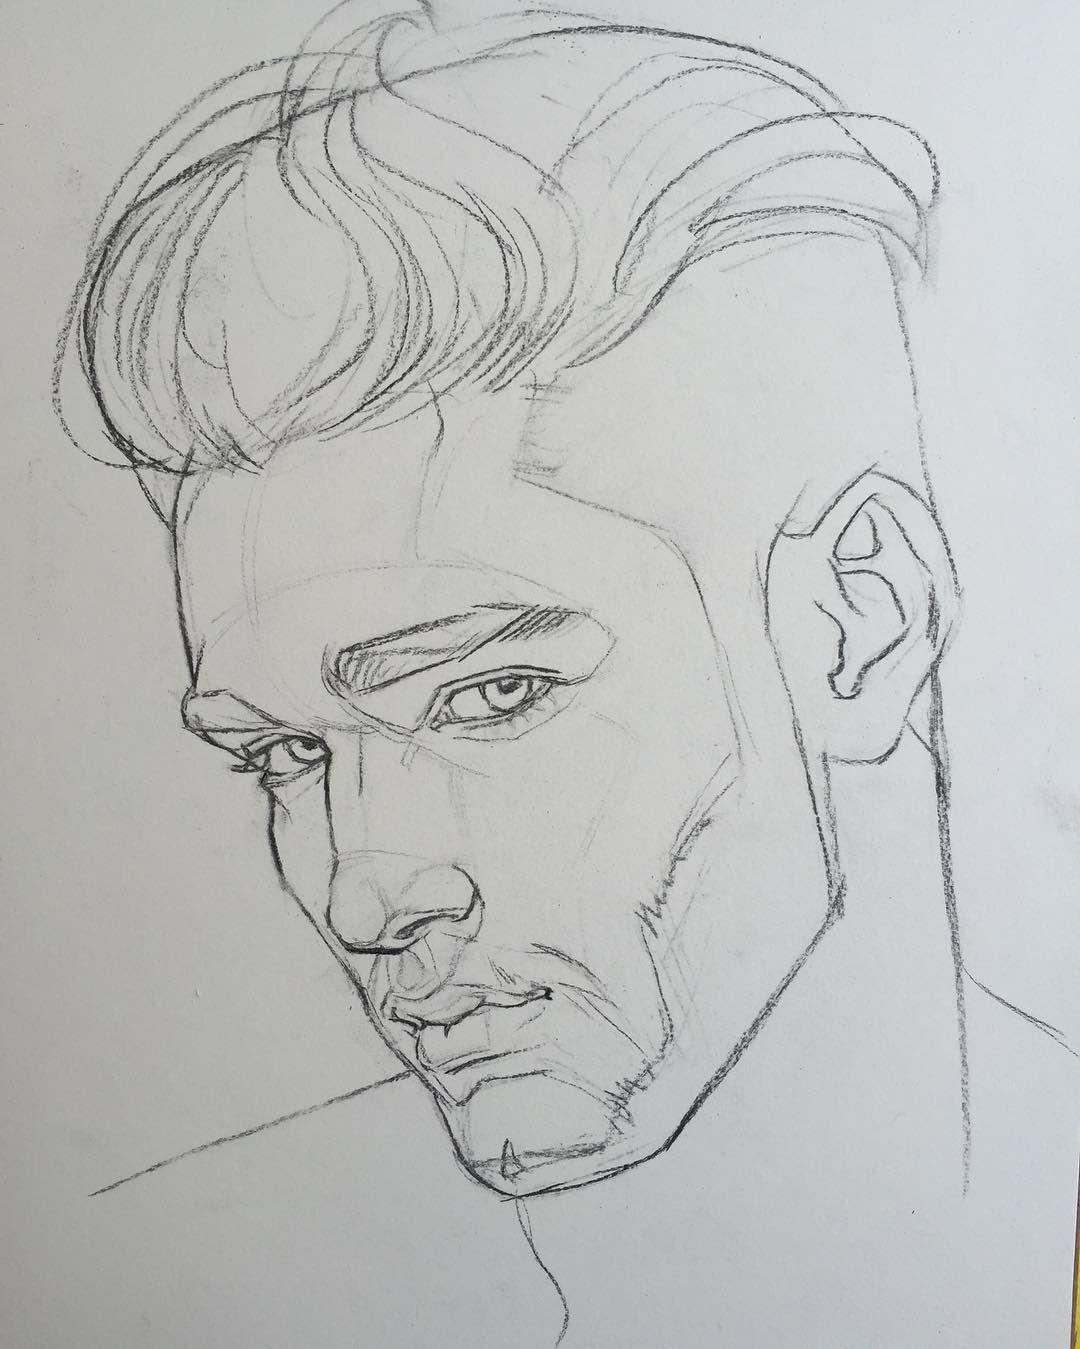 Wie zeichnet man einen Kopf oder ein Gesicht im Profil